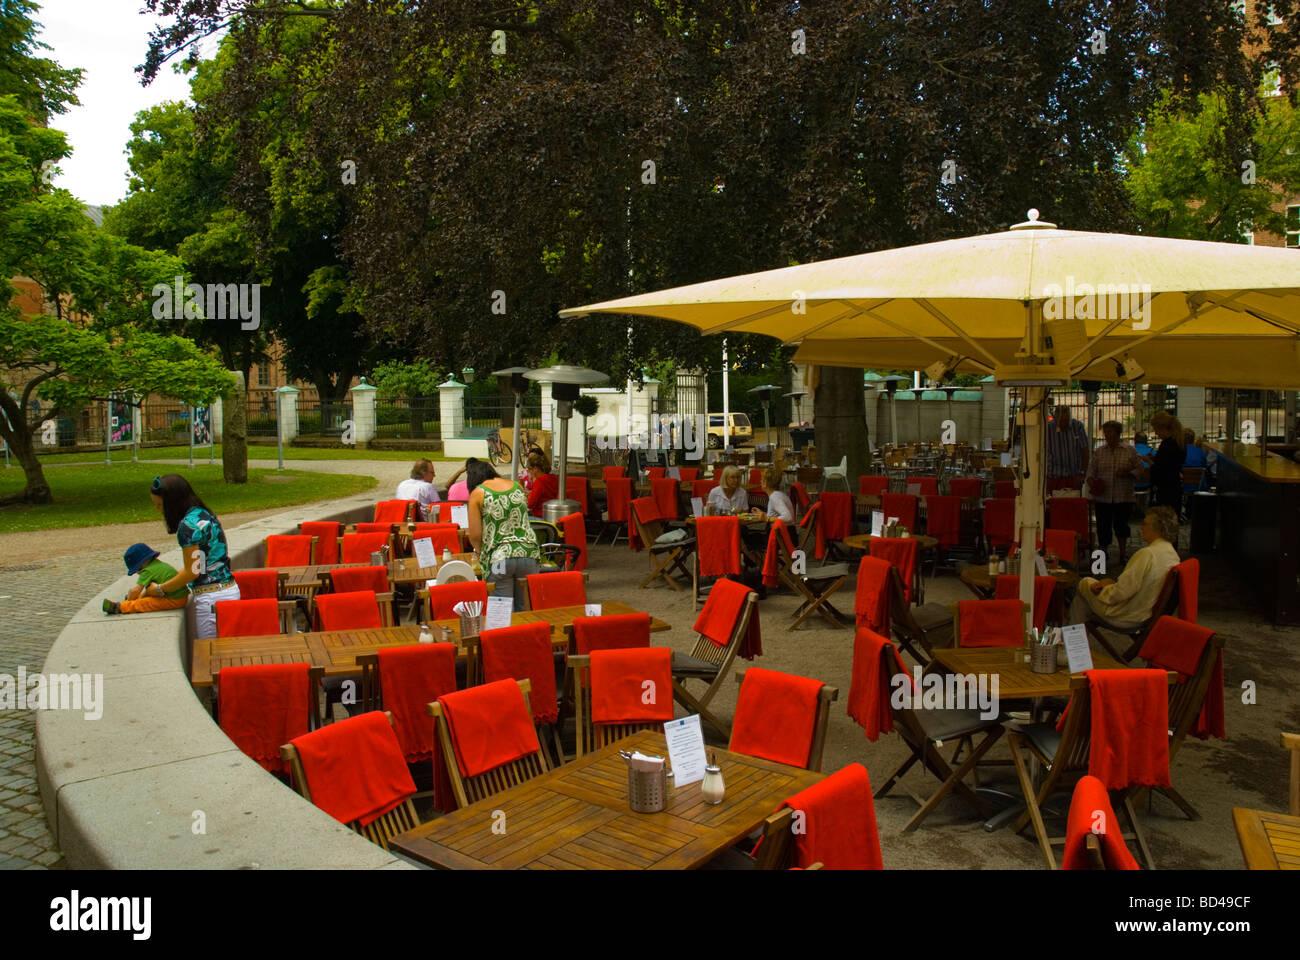 Cafe Restaurant am Kulturen das open Air Museum in Lund Skåne Schweden Europa Stockbild